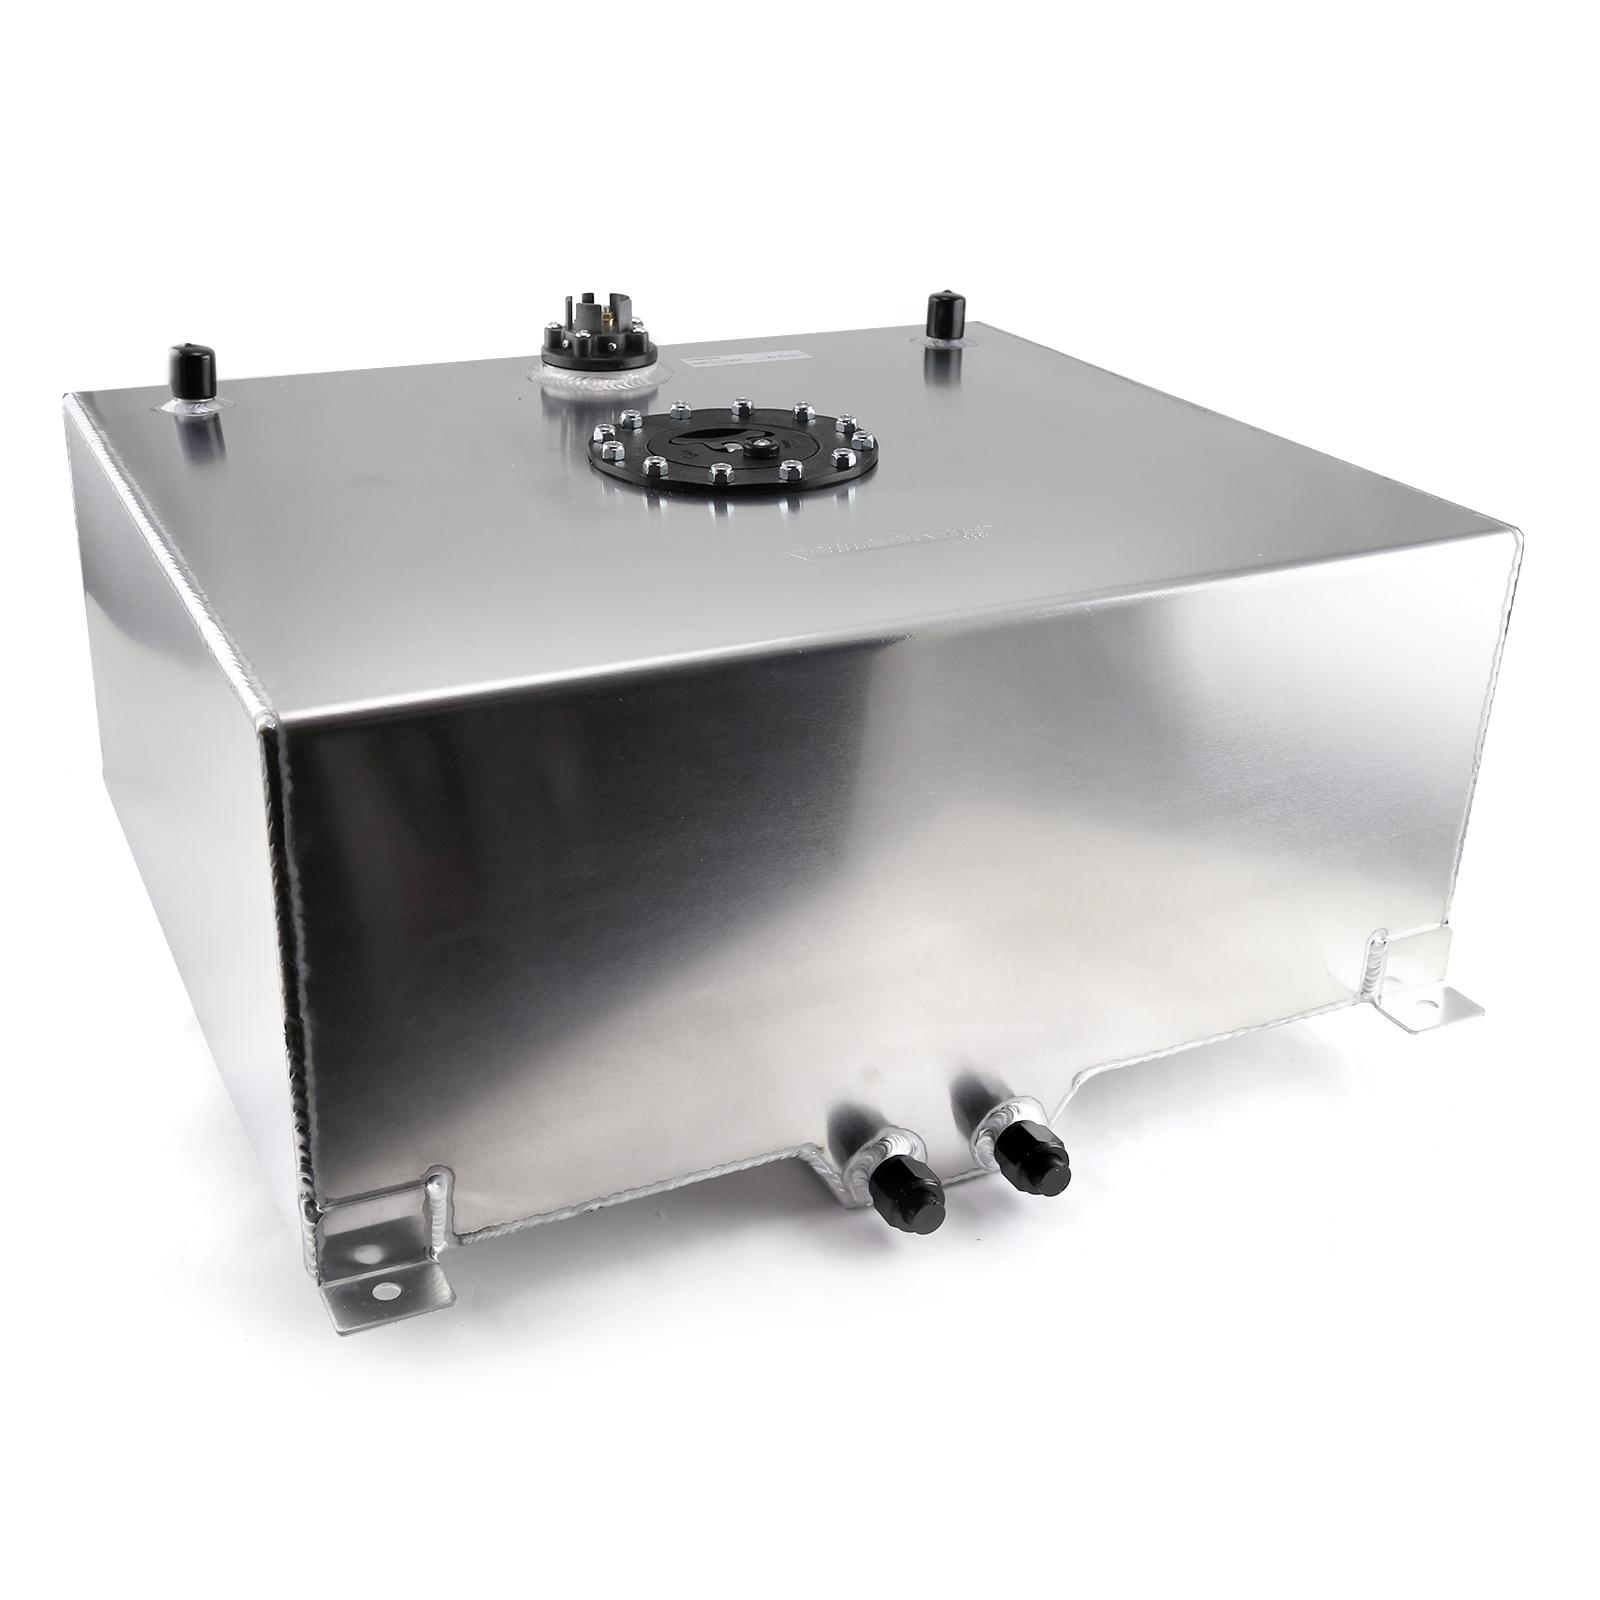 20 Gallon / 80 Litre Aluminum Fuel Cell w/Sending Unit